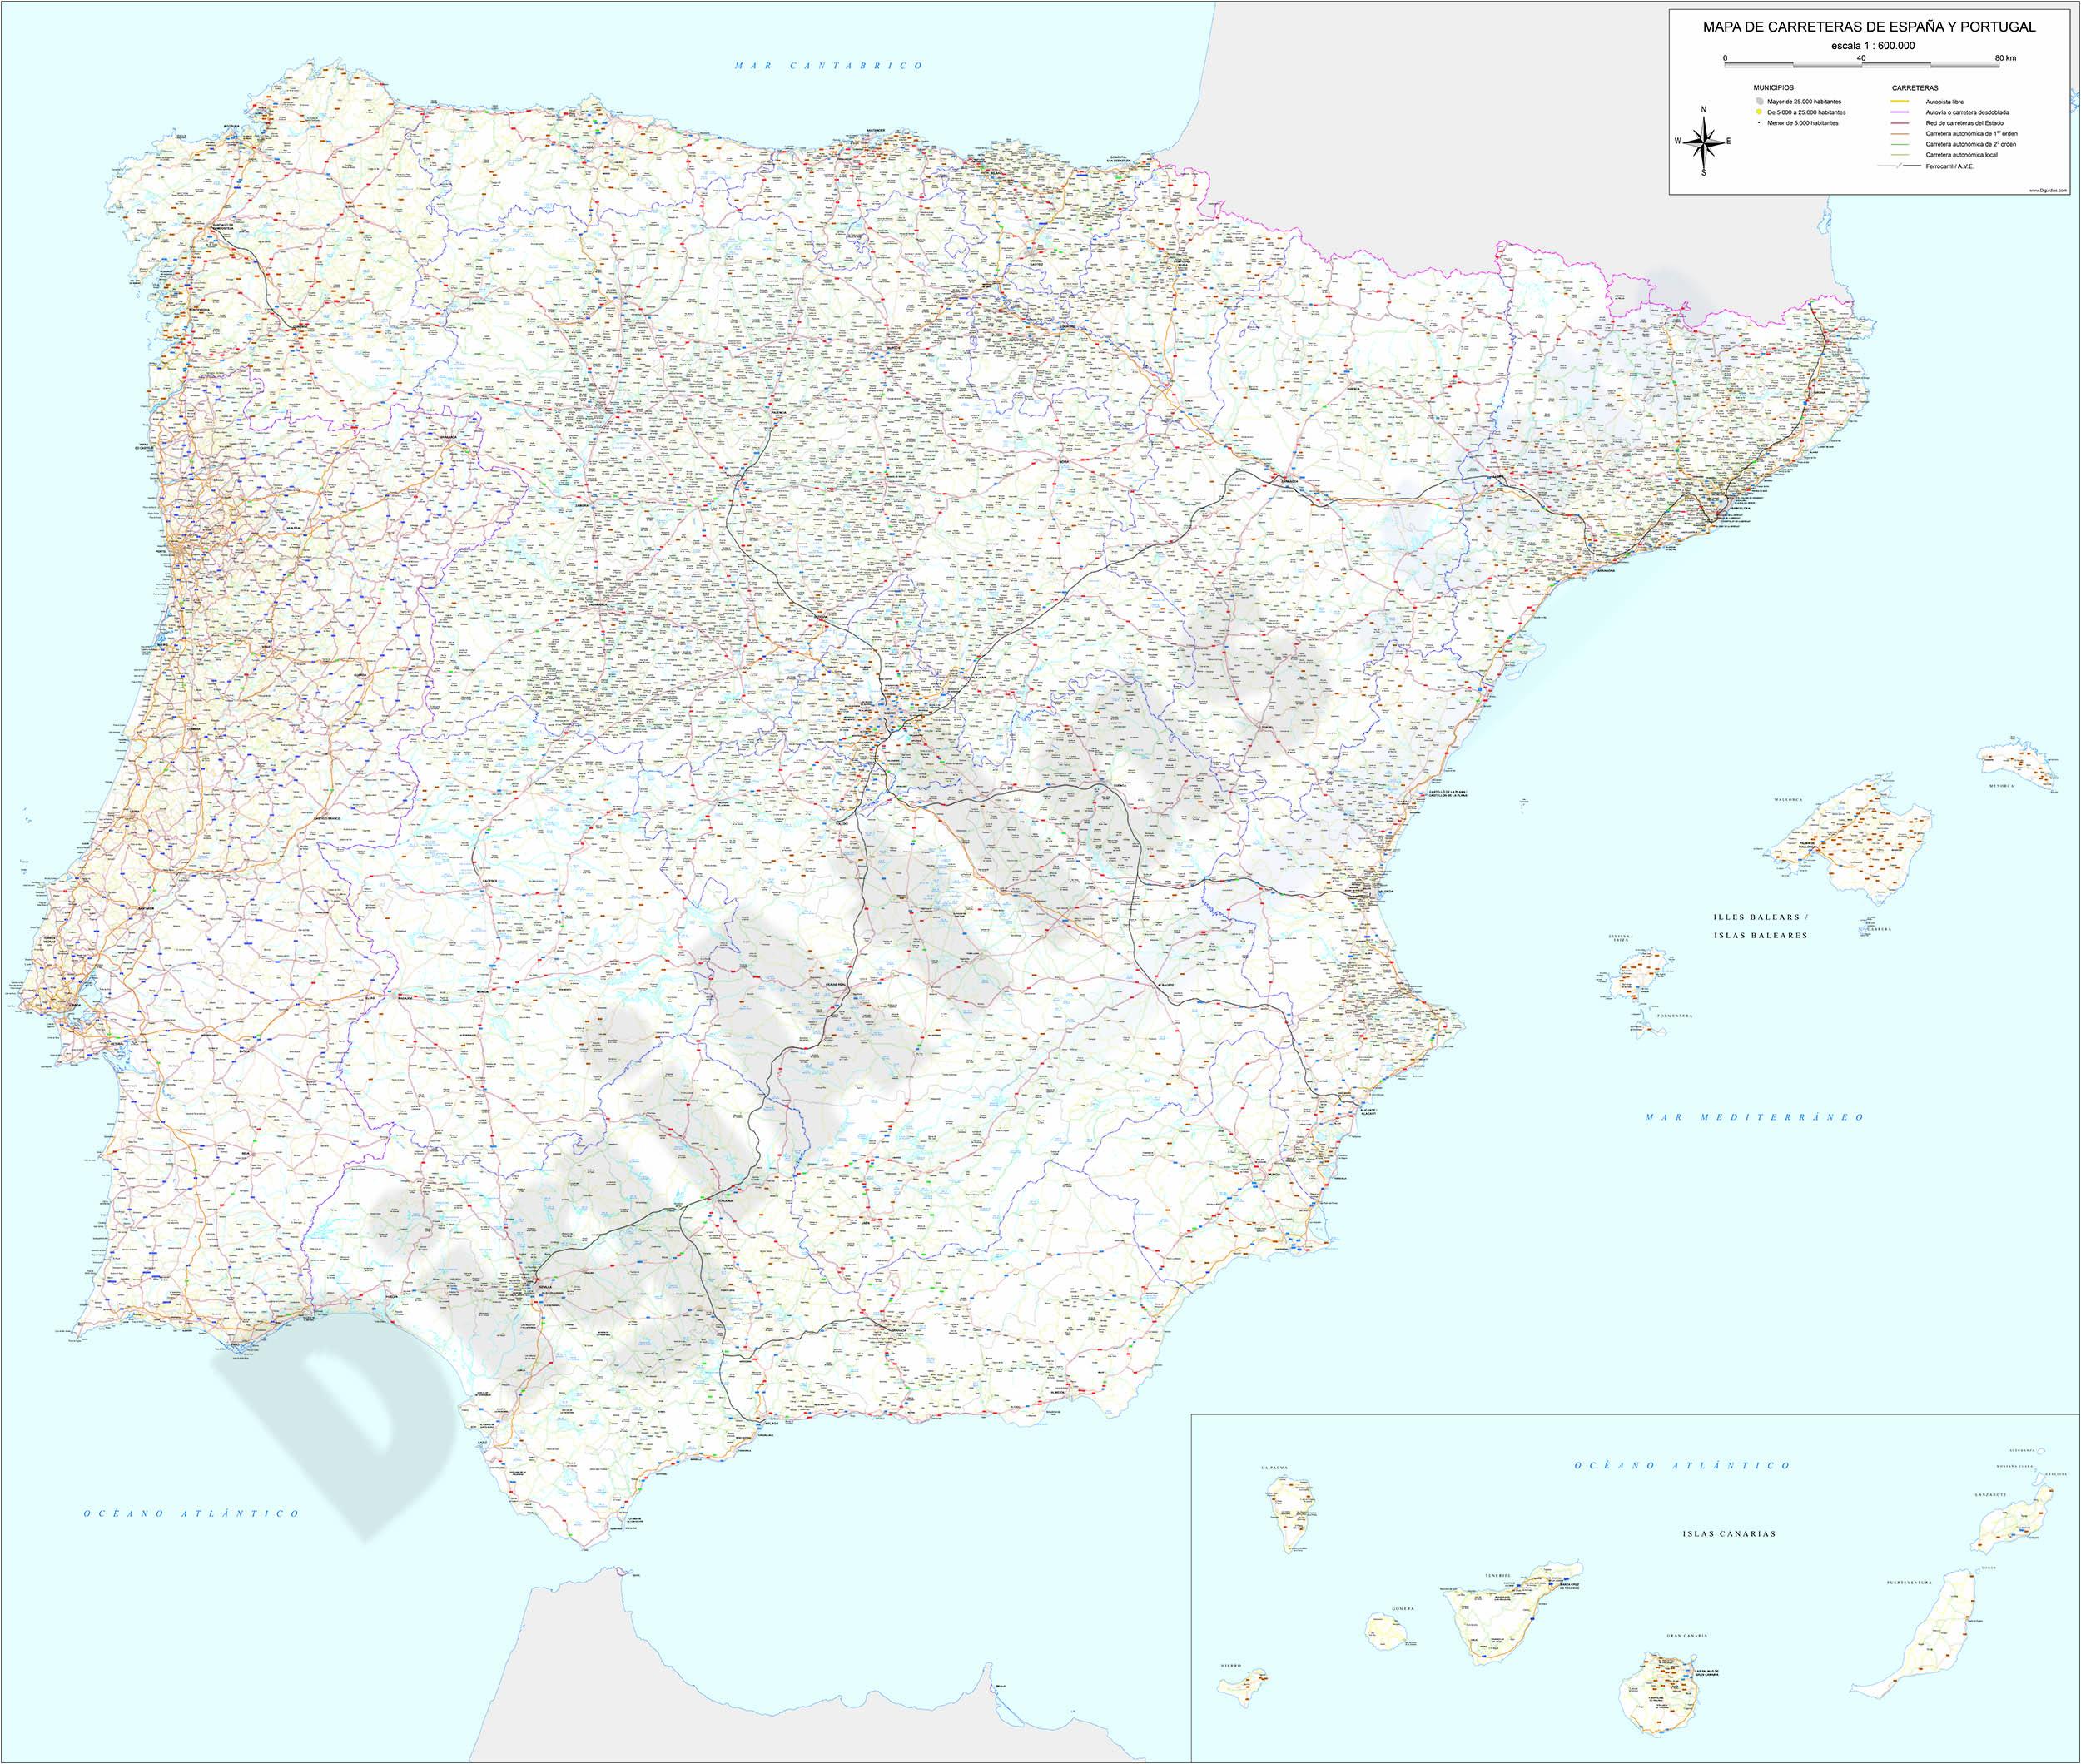 Mapa detallado de carreteras de España y Portugal